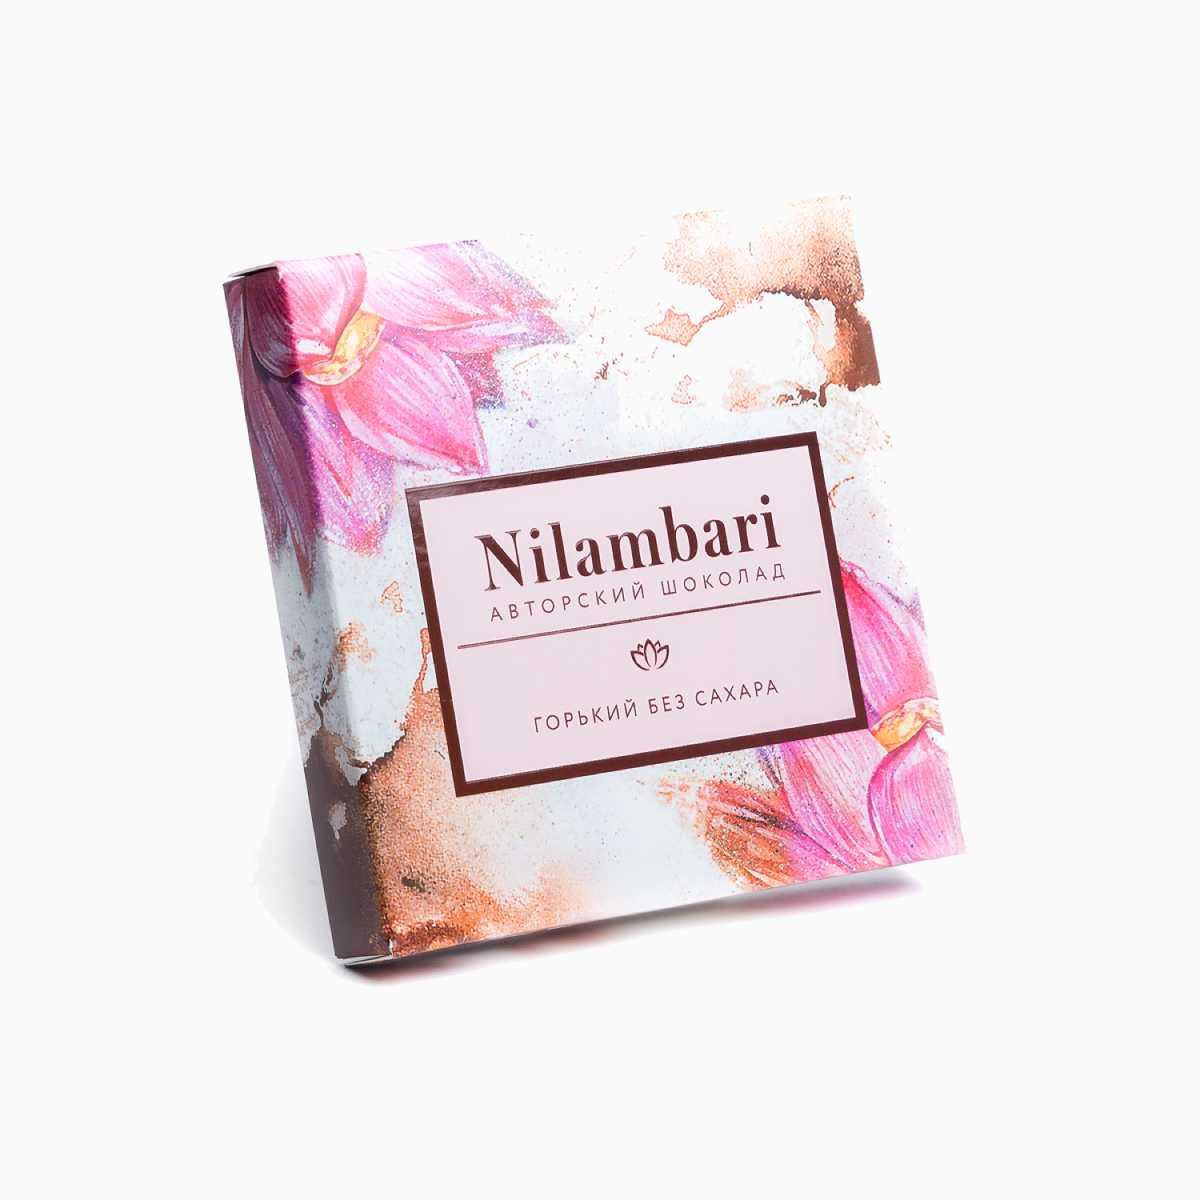 Шоколад Nilambari горький без сахара 65 гр